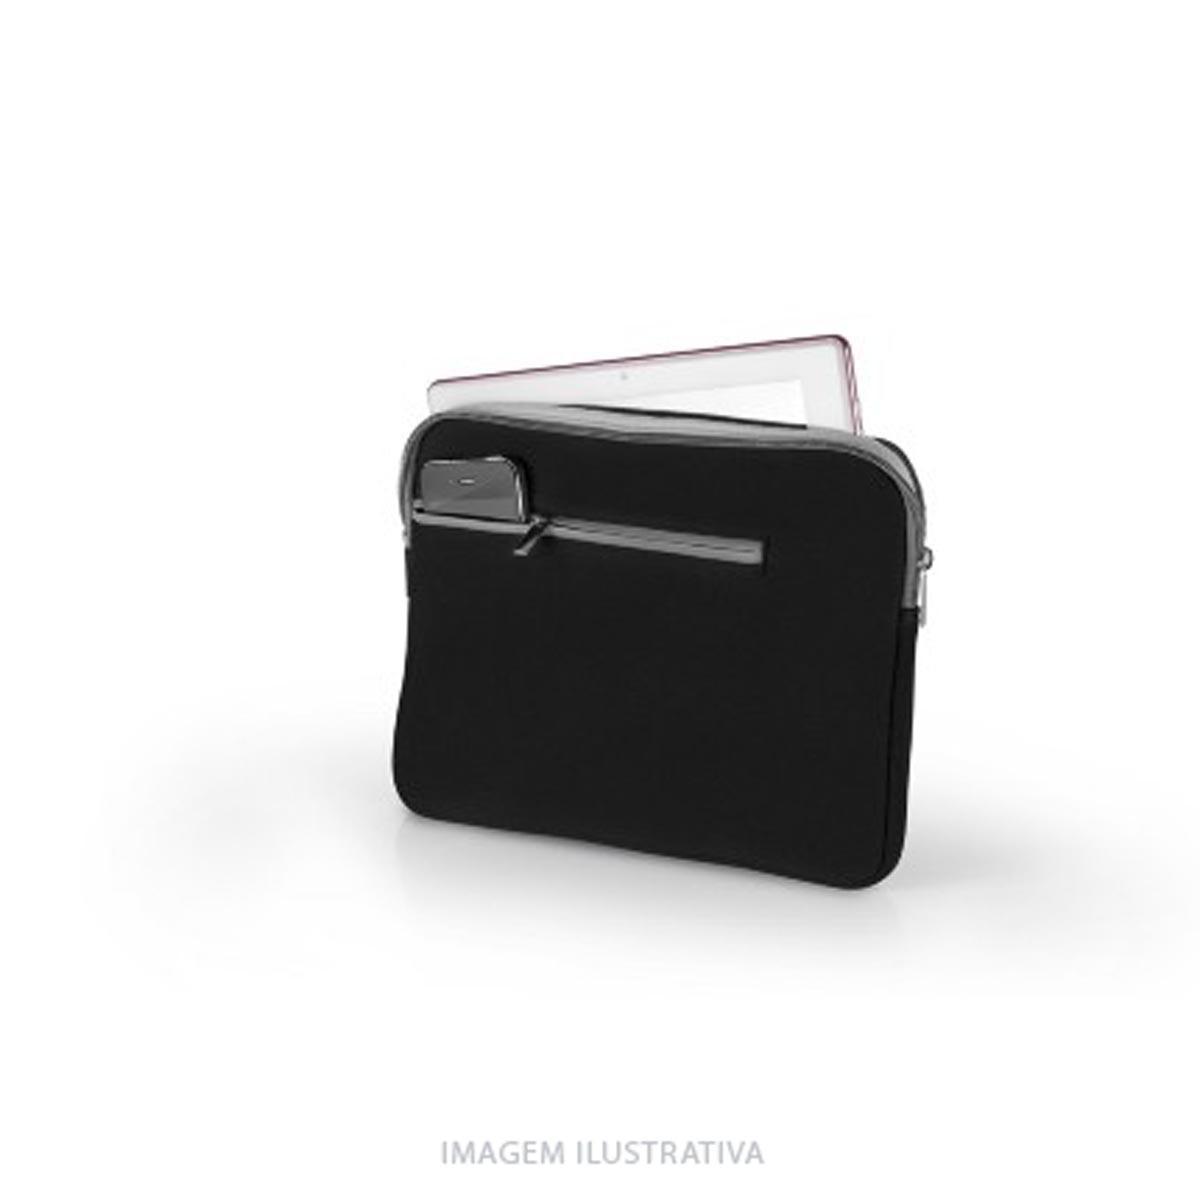 Case Notebook até 15,6 Polegadas Neoprene Preto e Cinza BO400 Multilaser